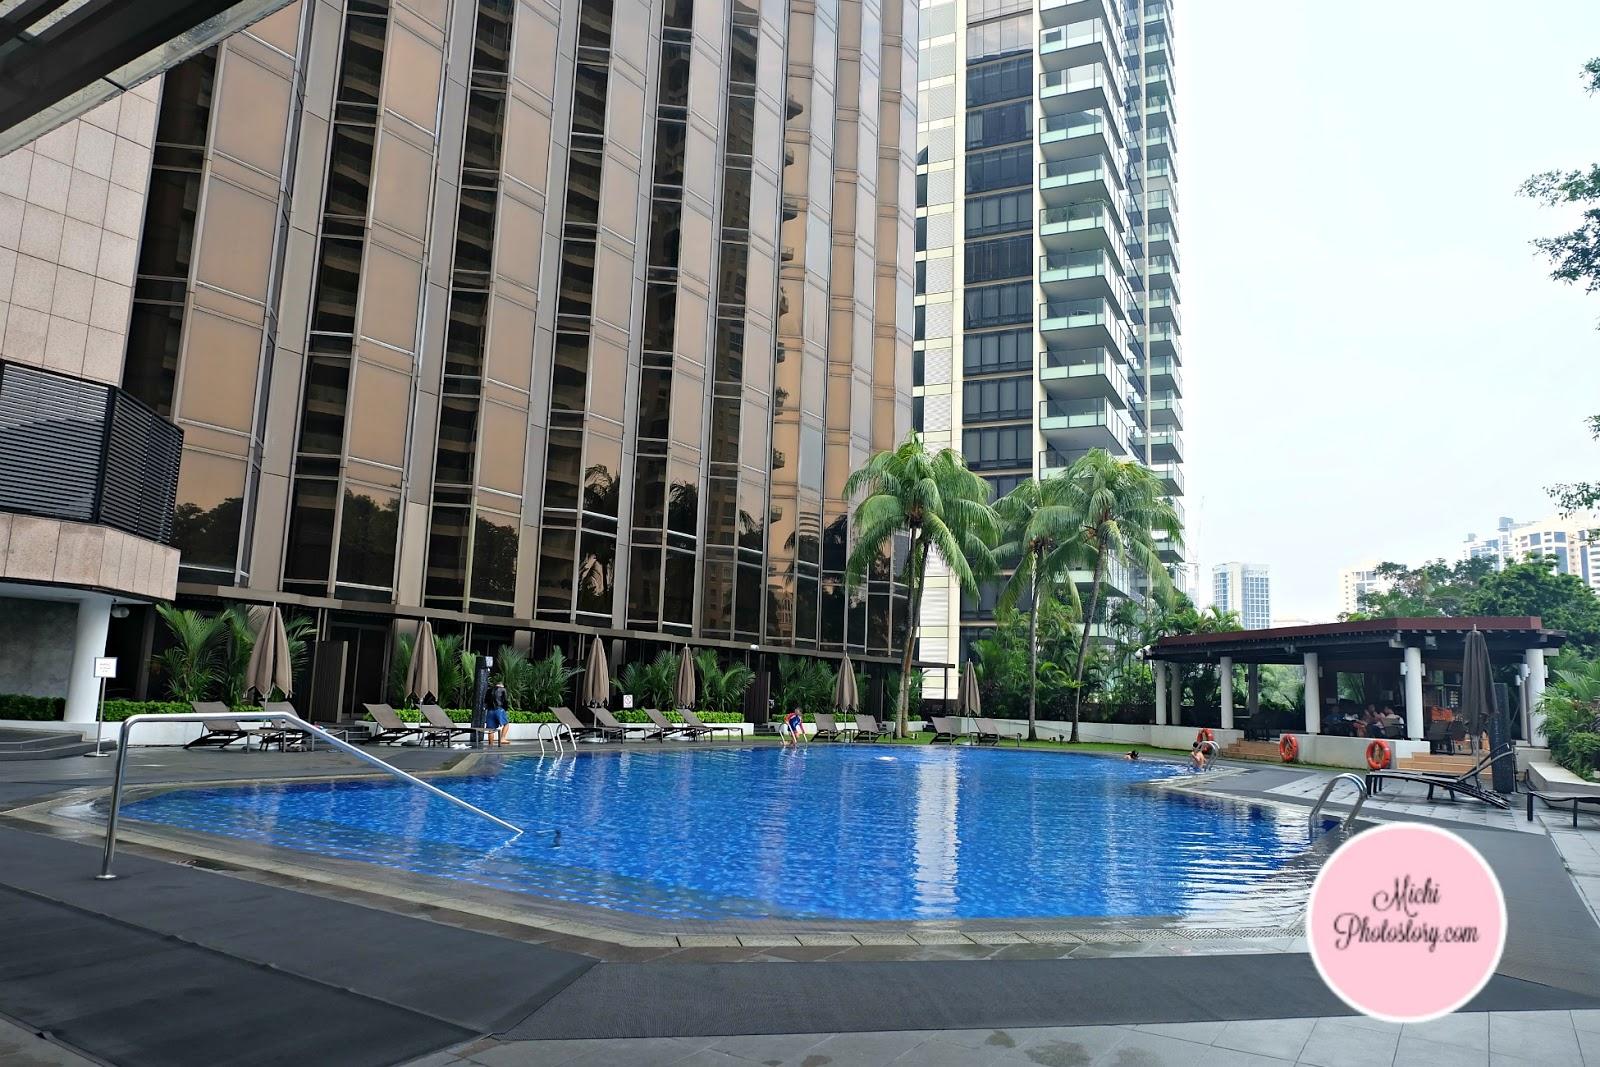 Michi Photostory Sheraton Towers Singapore